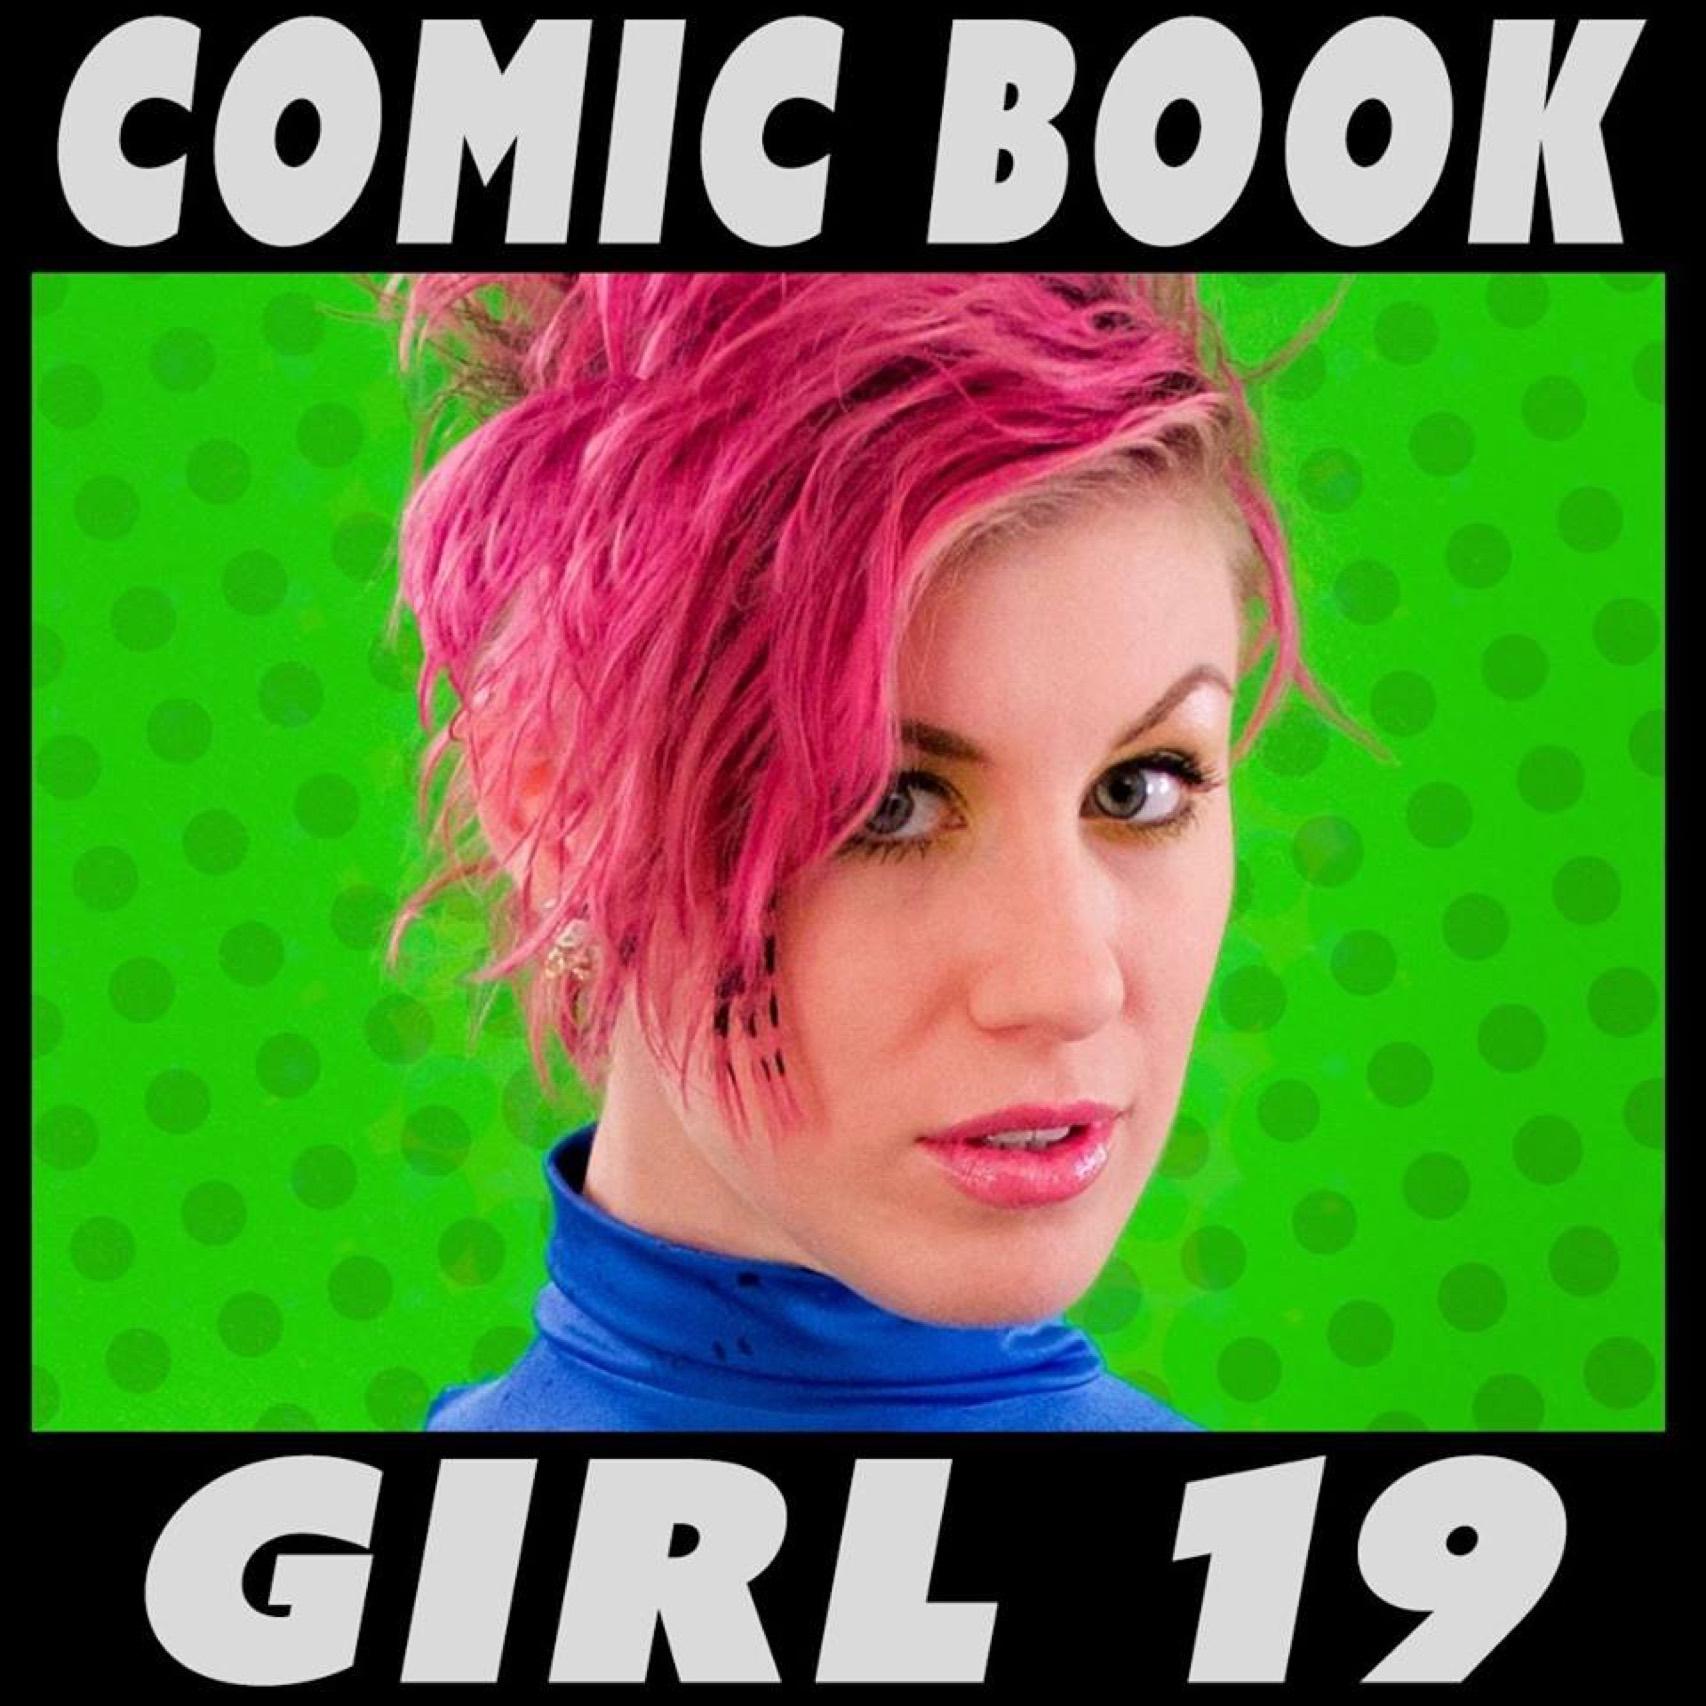 Comicbookgirl